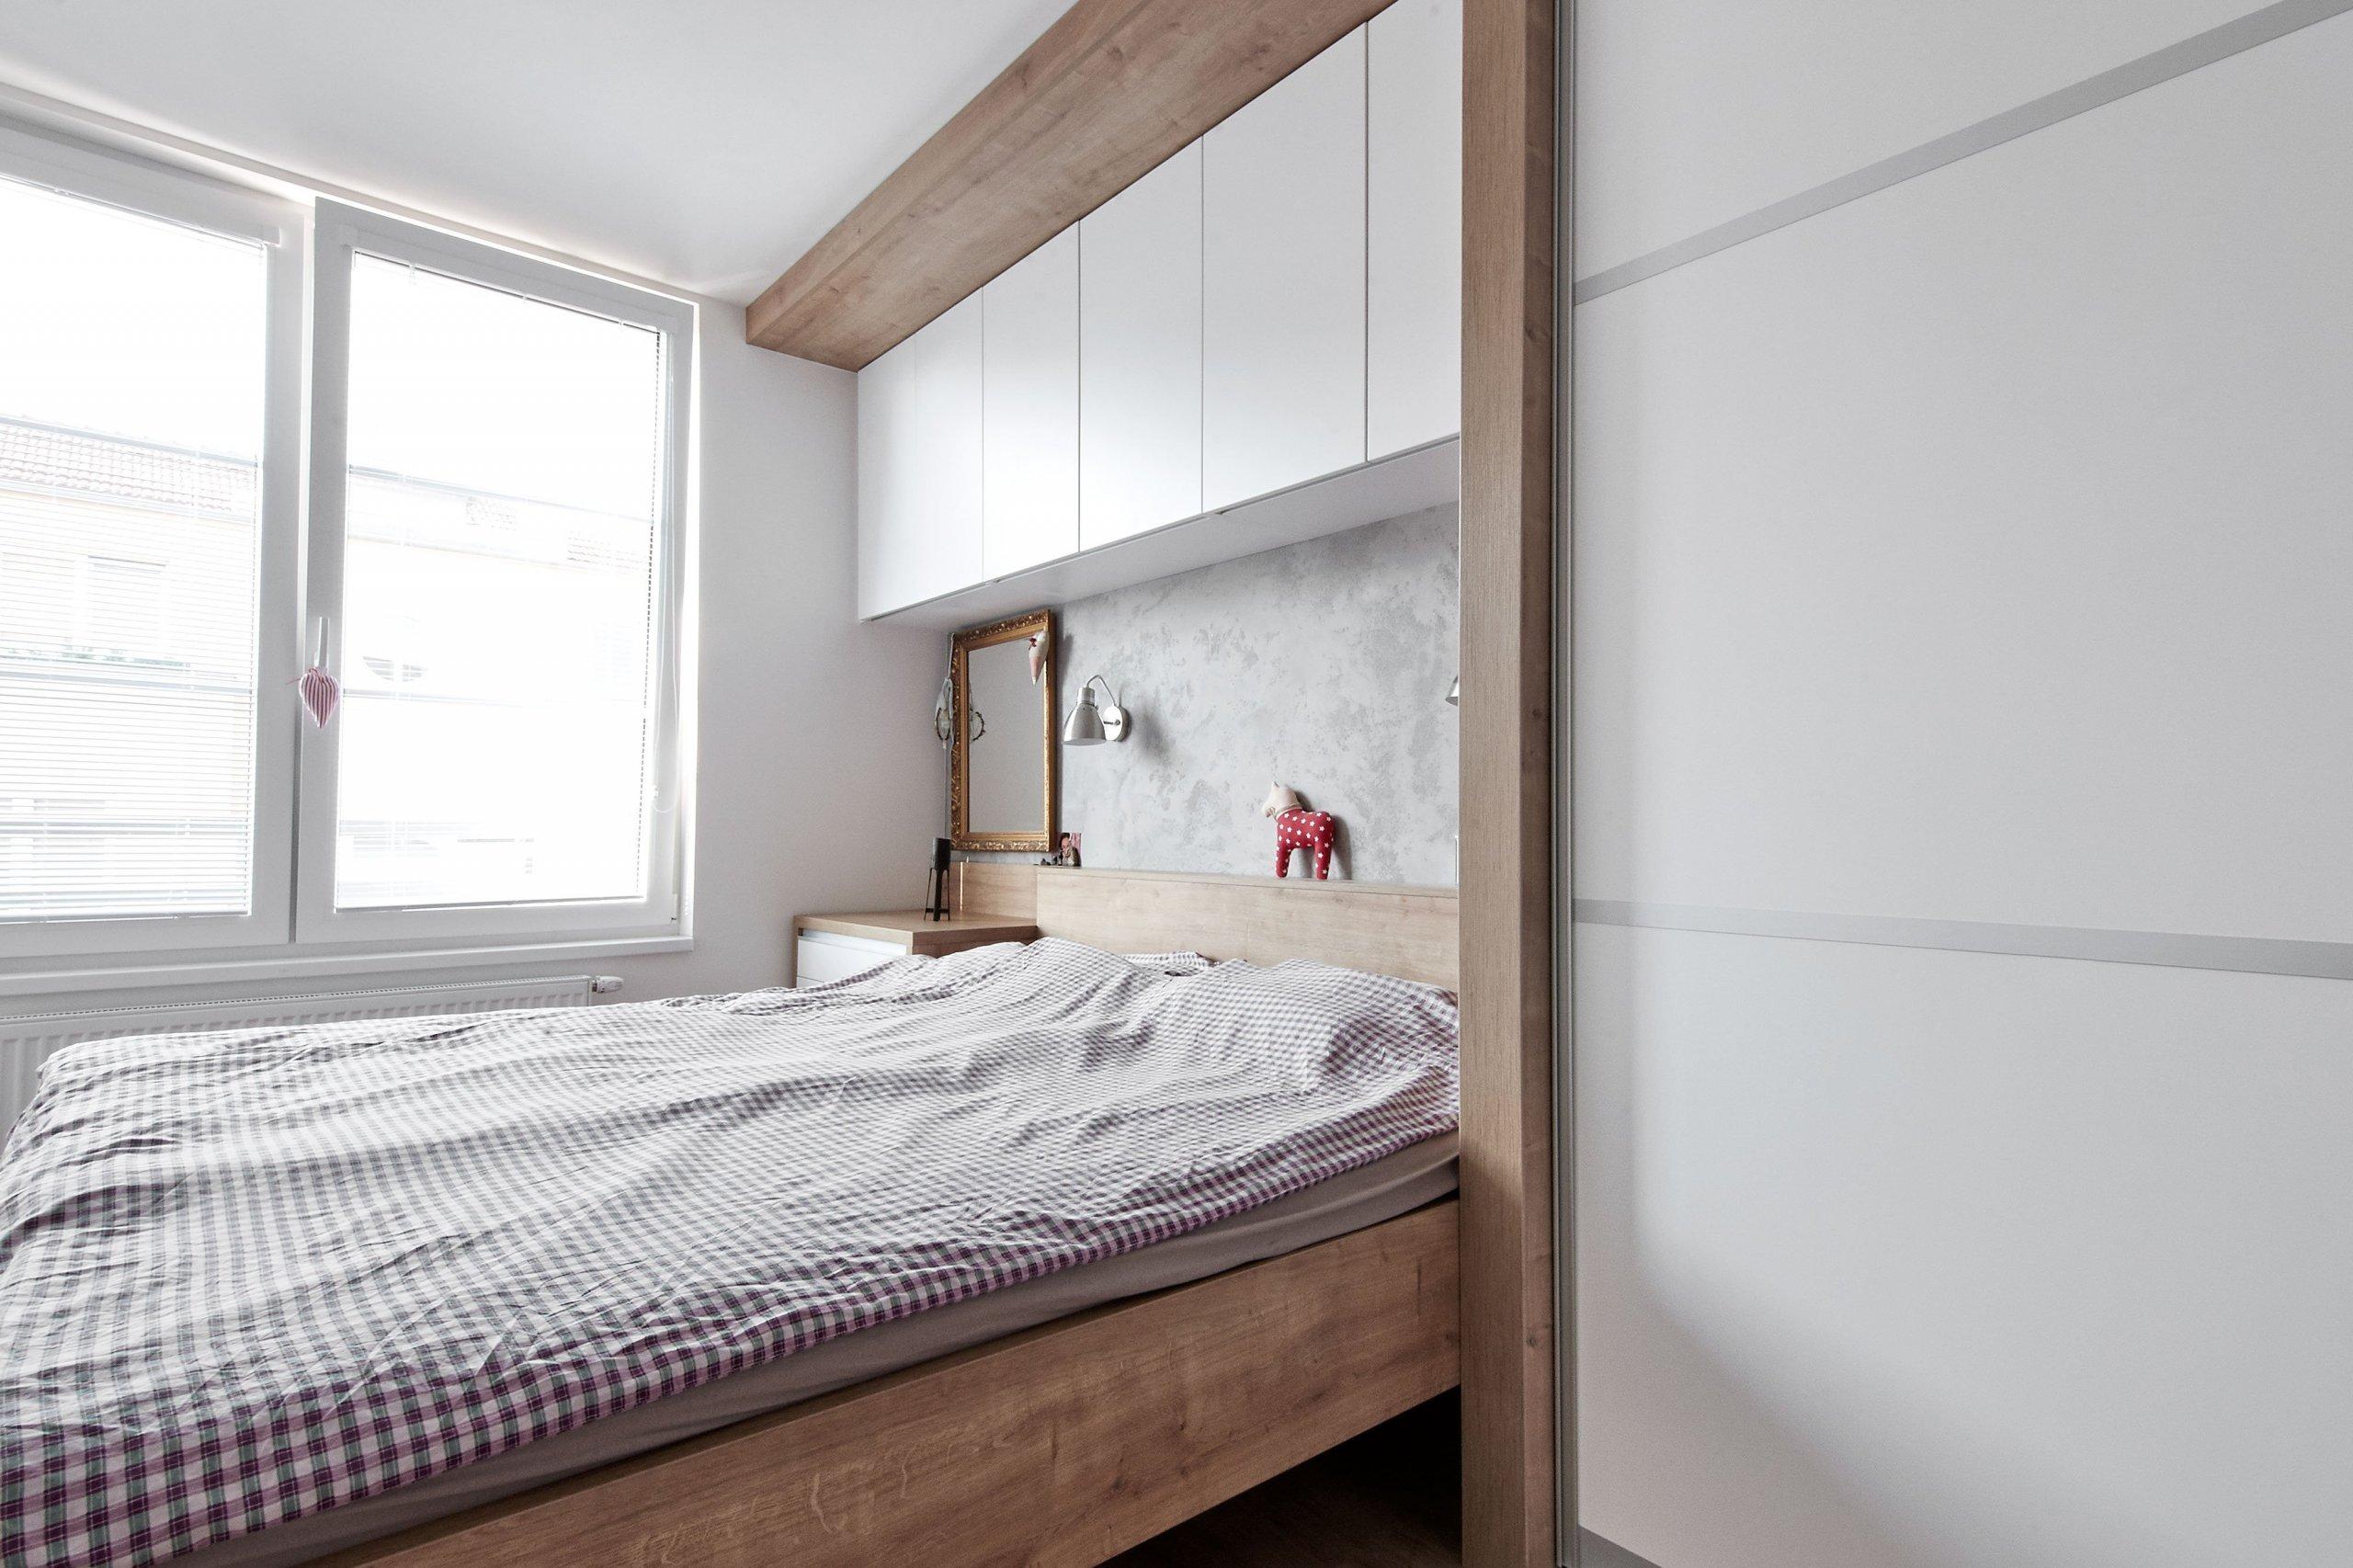 Návrh vestavby moderního interieru do bytu v novostavbě. Byt samotný je řešen v obývací části atypickými úhly. Což z něj z hlediska prostoru dělá zajímavý…